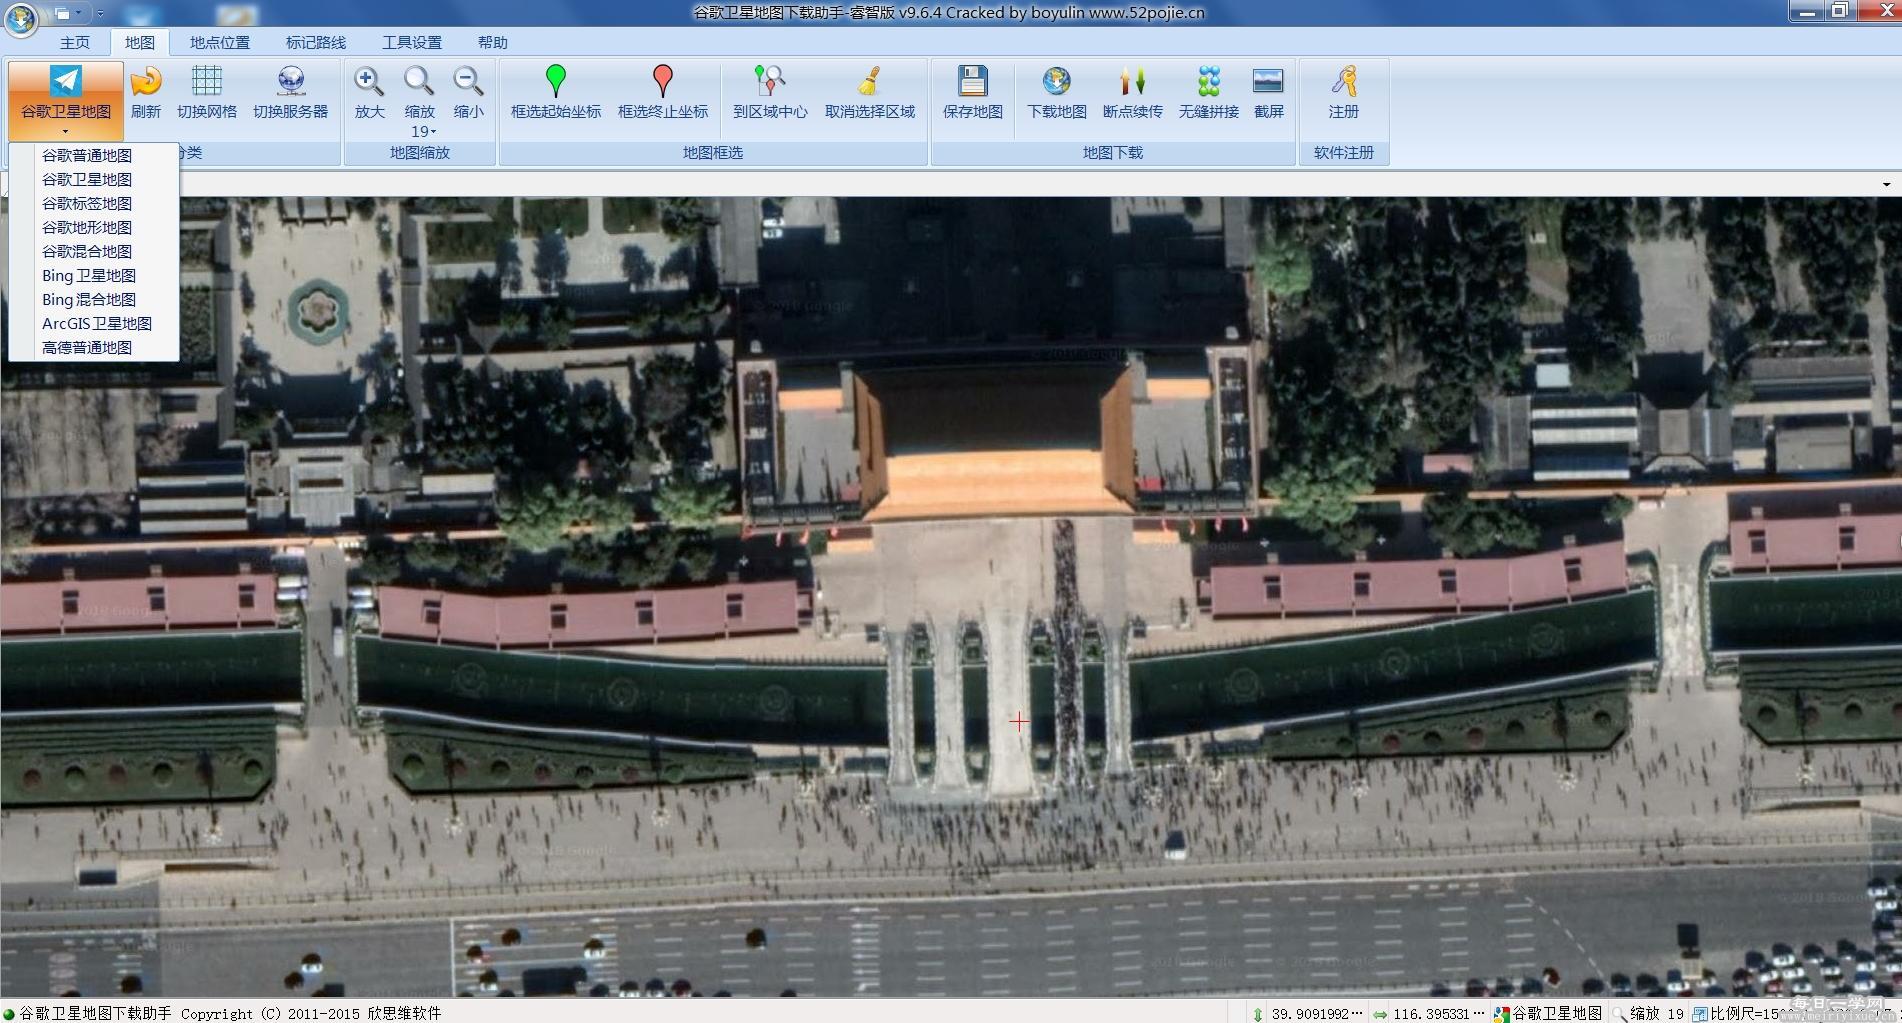 谷歌地图下载助手-睿智版v9.6.4